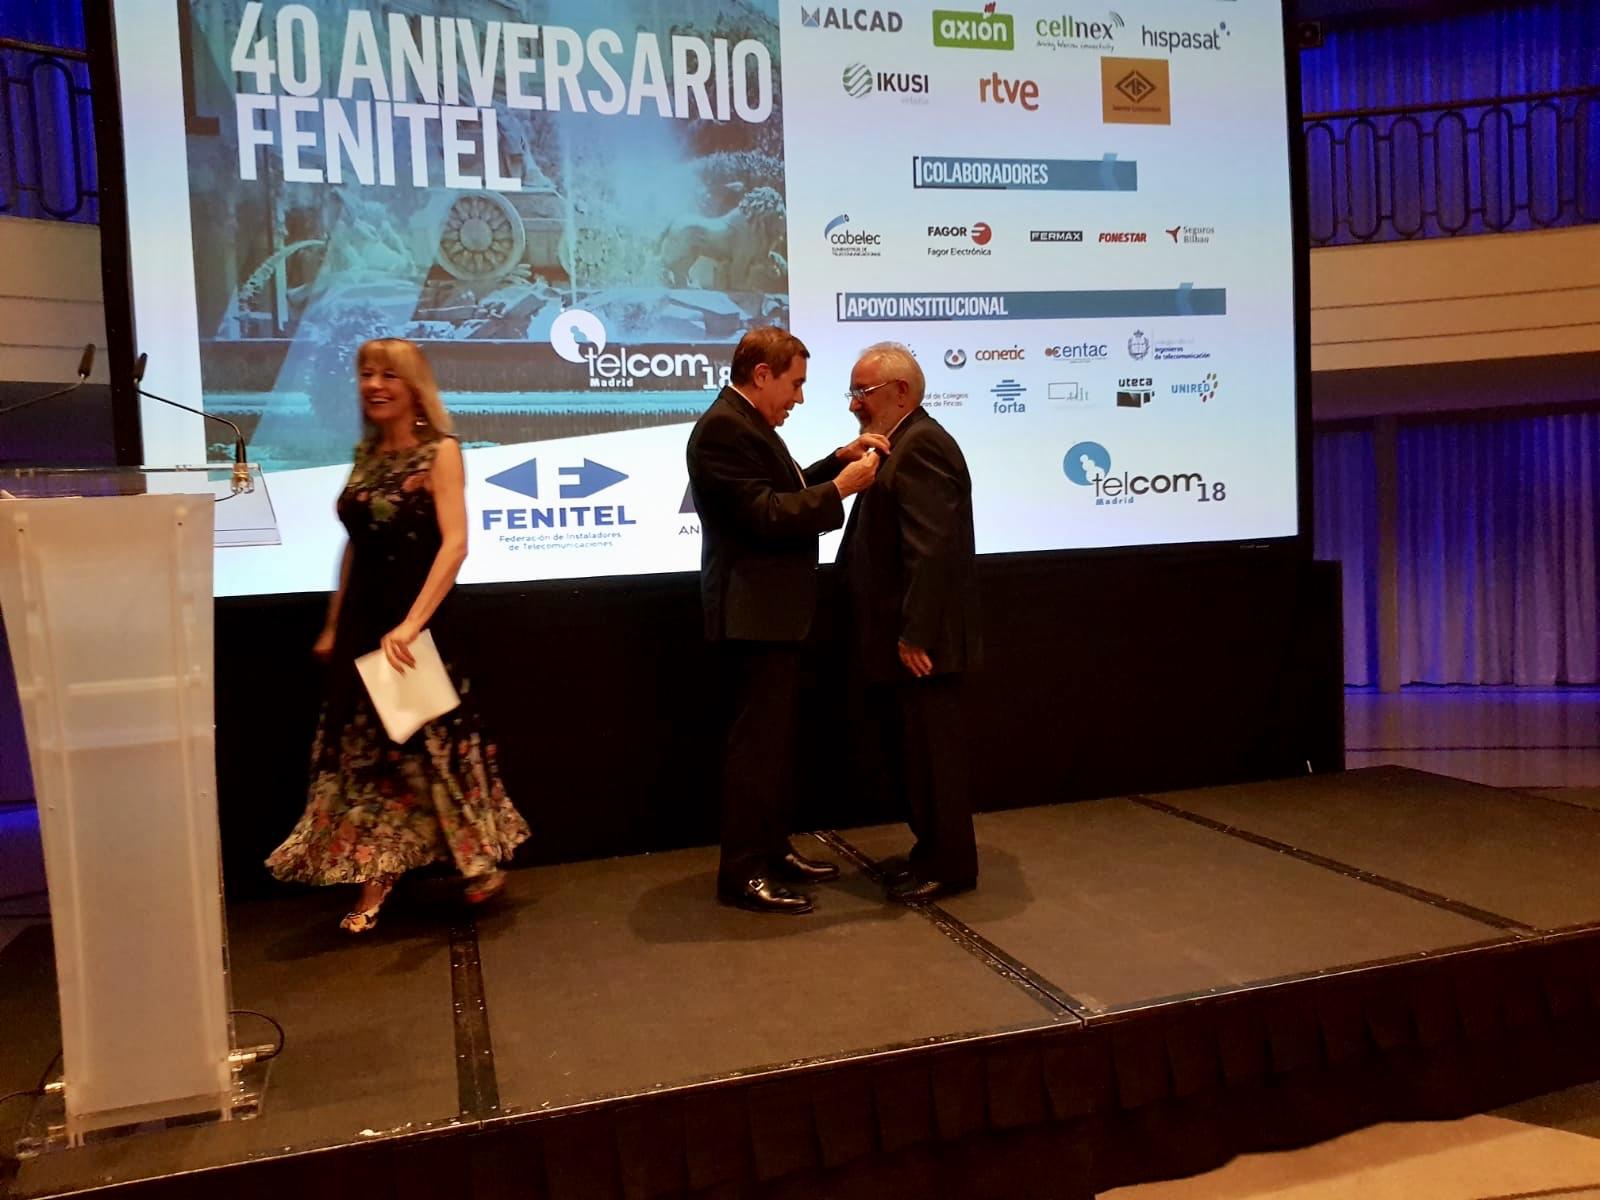 Amplia participación asturiana en el 40 Aniversario de FENITEL 3 Durante los días 21 y 22 de junio, una amplia delegación de Fenitel Asturias participó en la Asamblea General de nuestra Federación Nacional, FENITEL, así